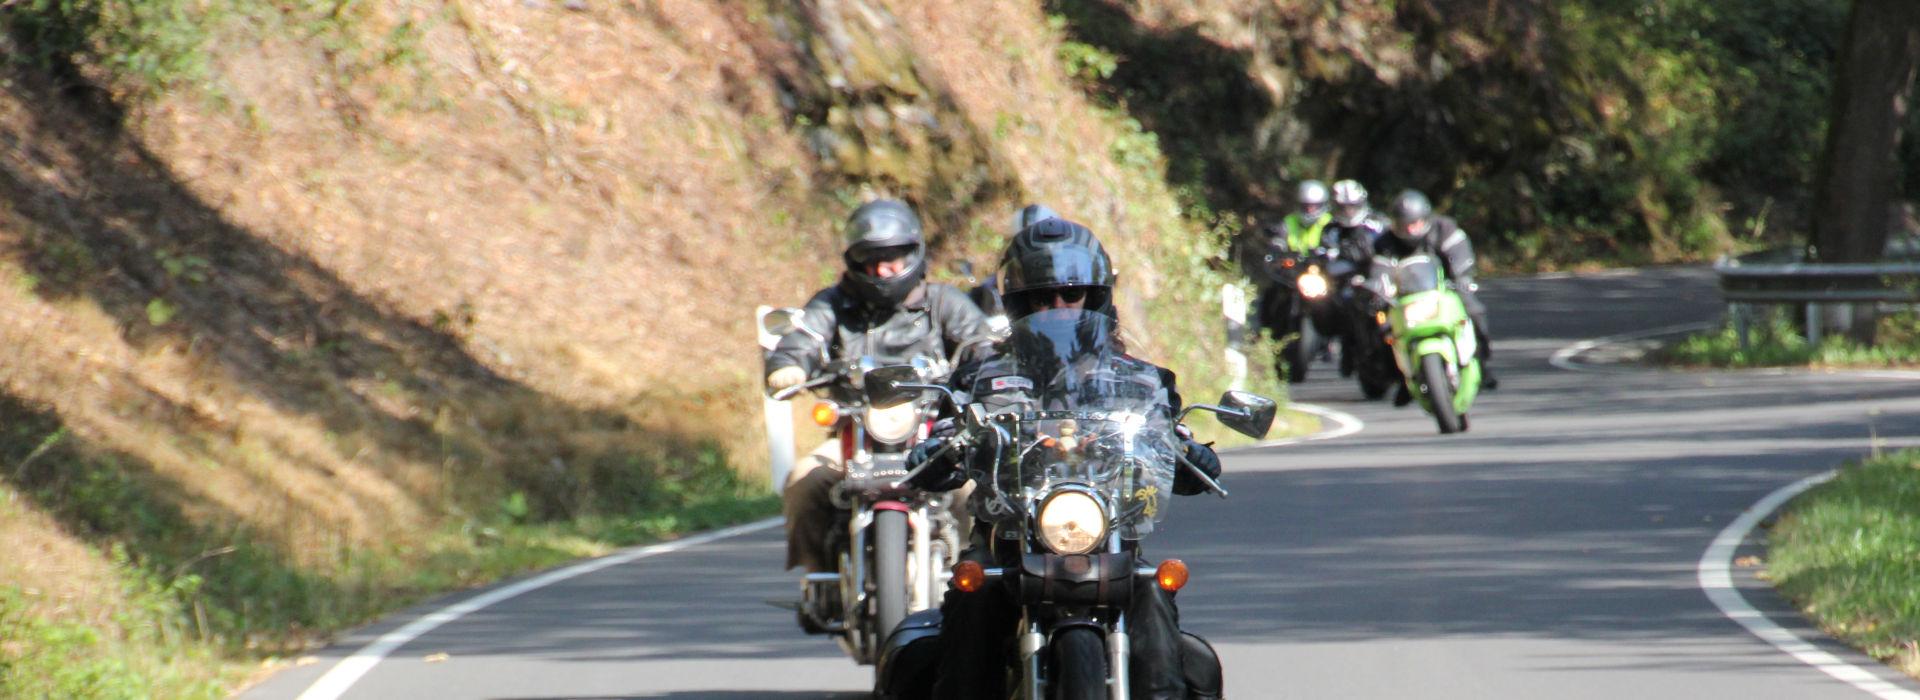 Motorrijbewijspoint Merkelbeek spoedopleiding motorrijbewijs